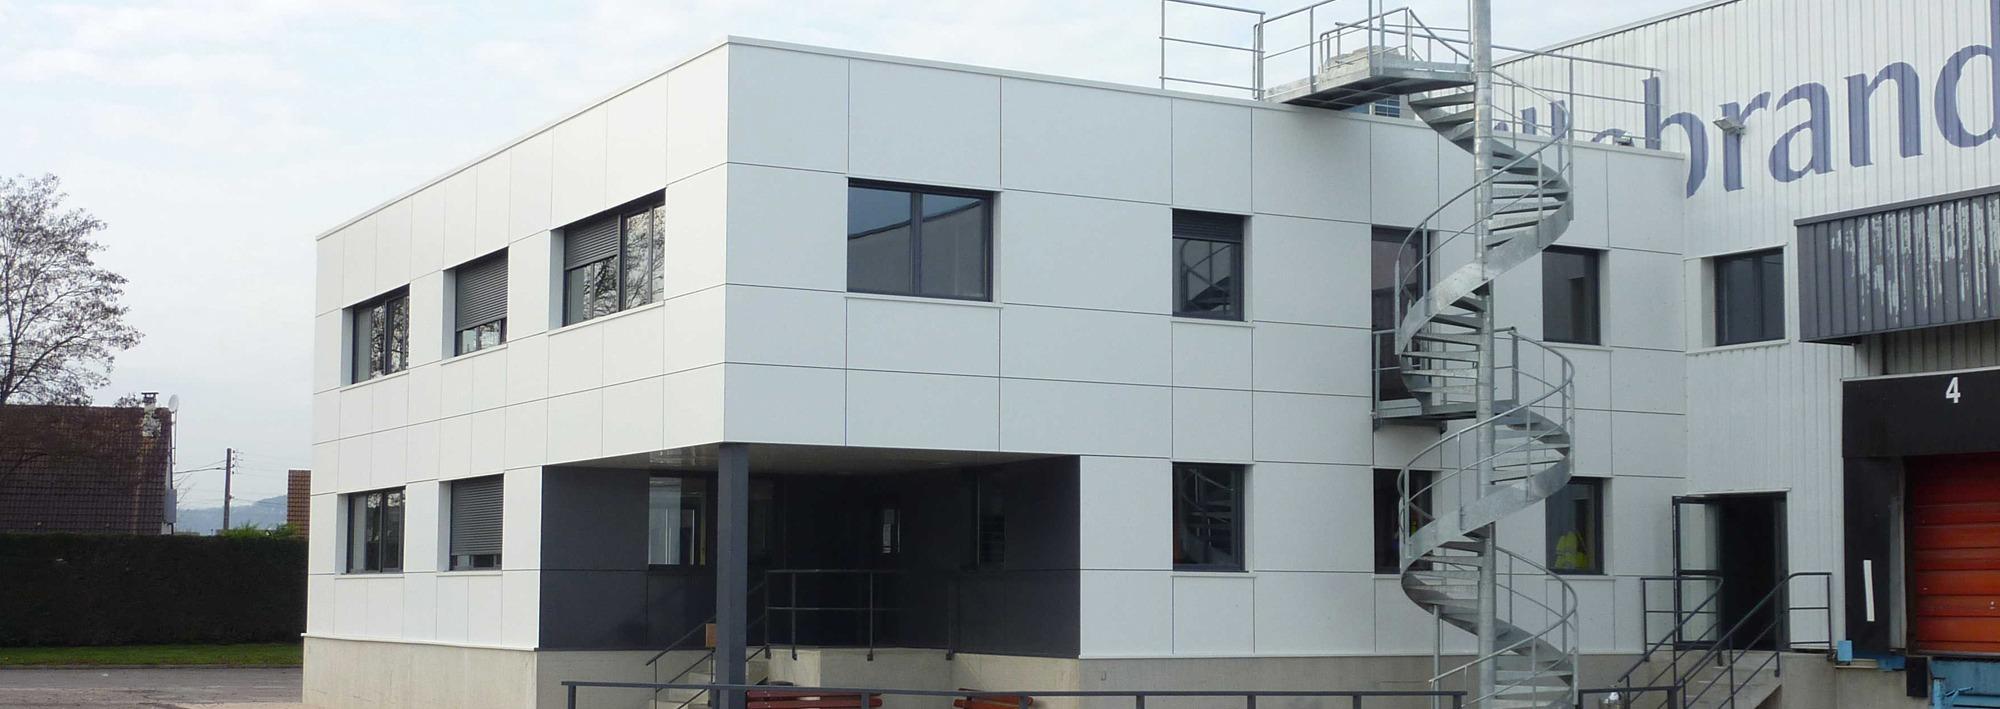 HILLEBRAND-Rehabilitation-et-construction-de-bureaux